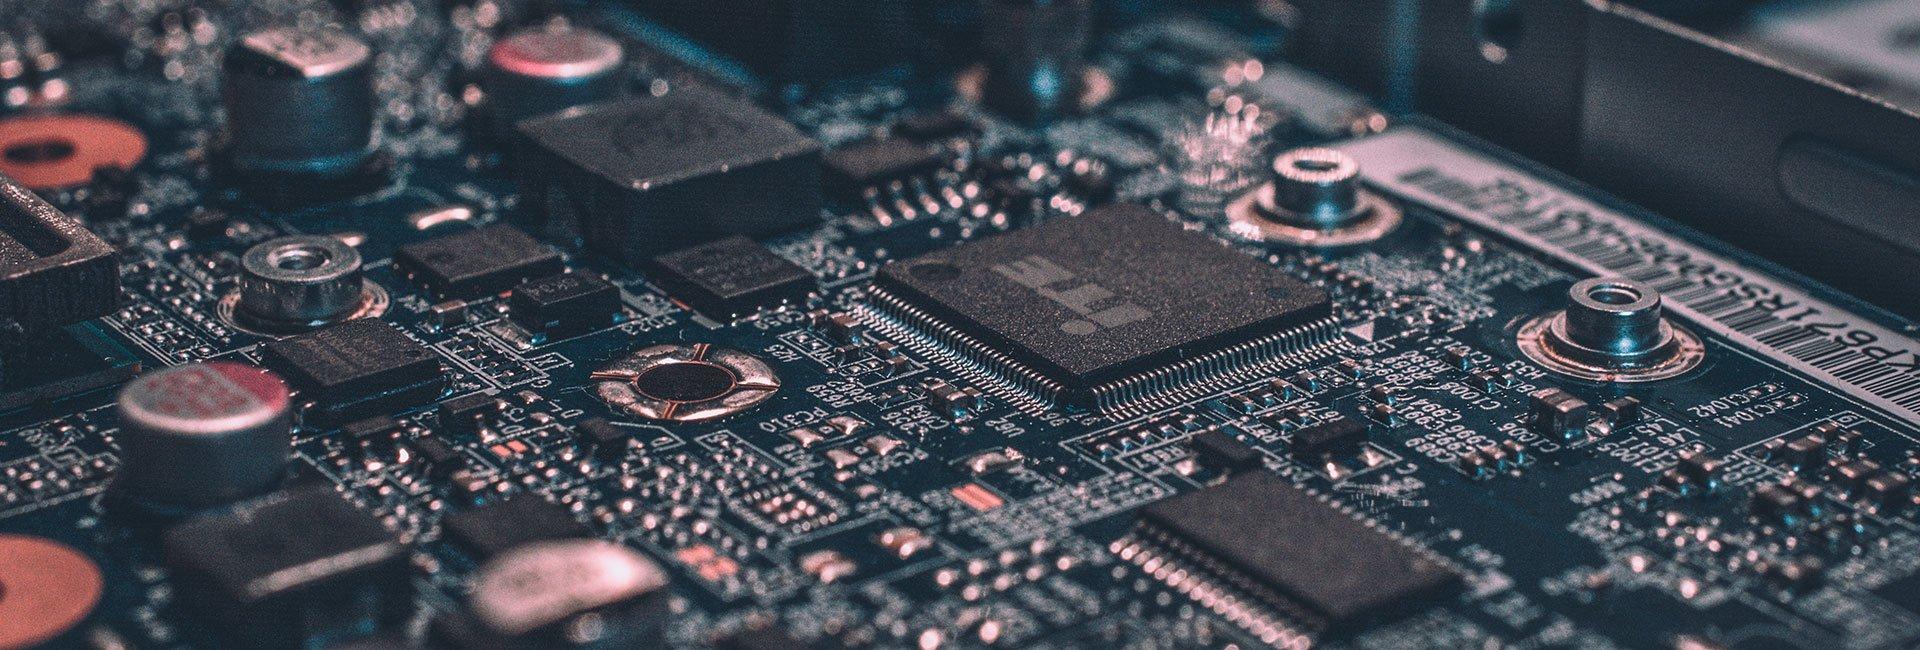 Elettronica ed elettrotecnica